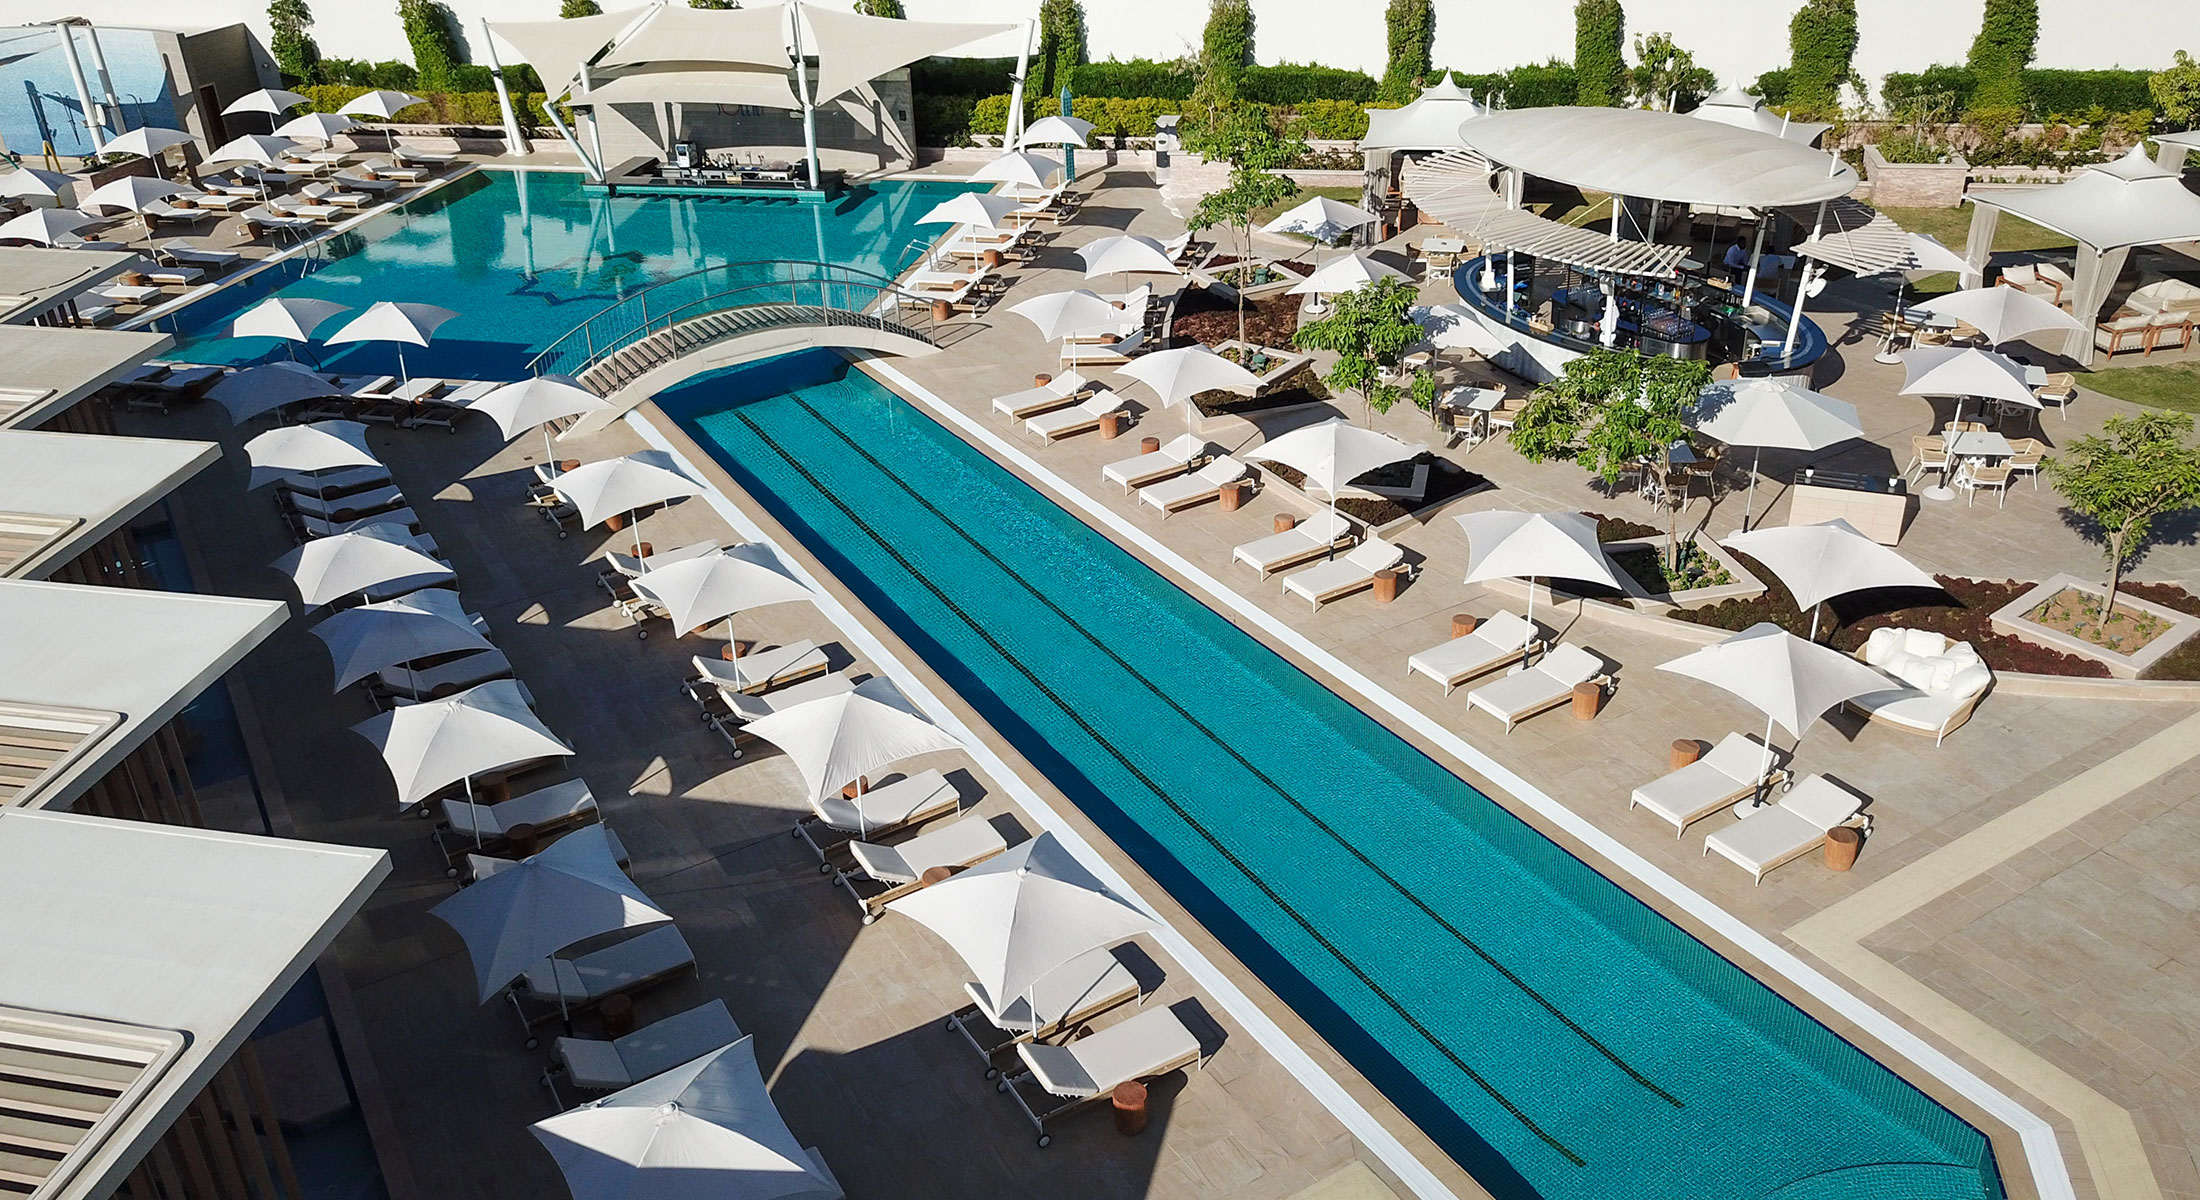 soleil-pool-lounge